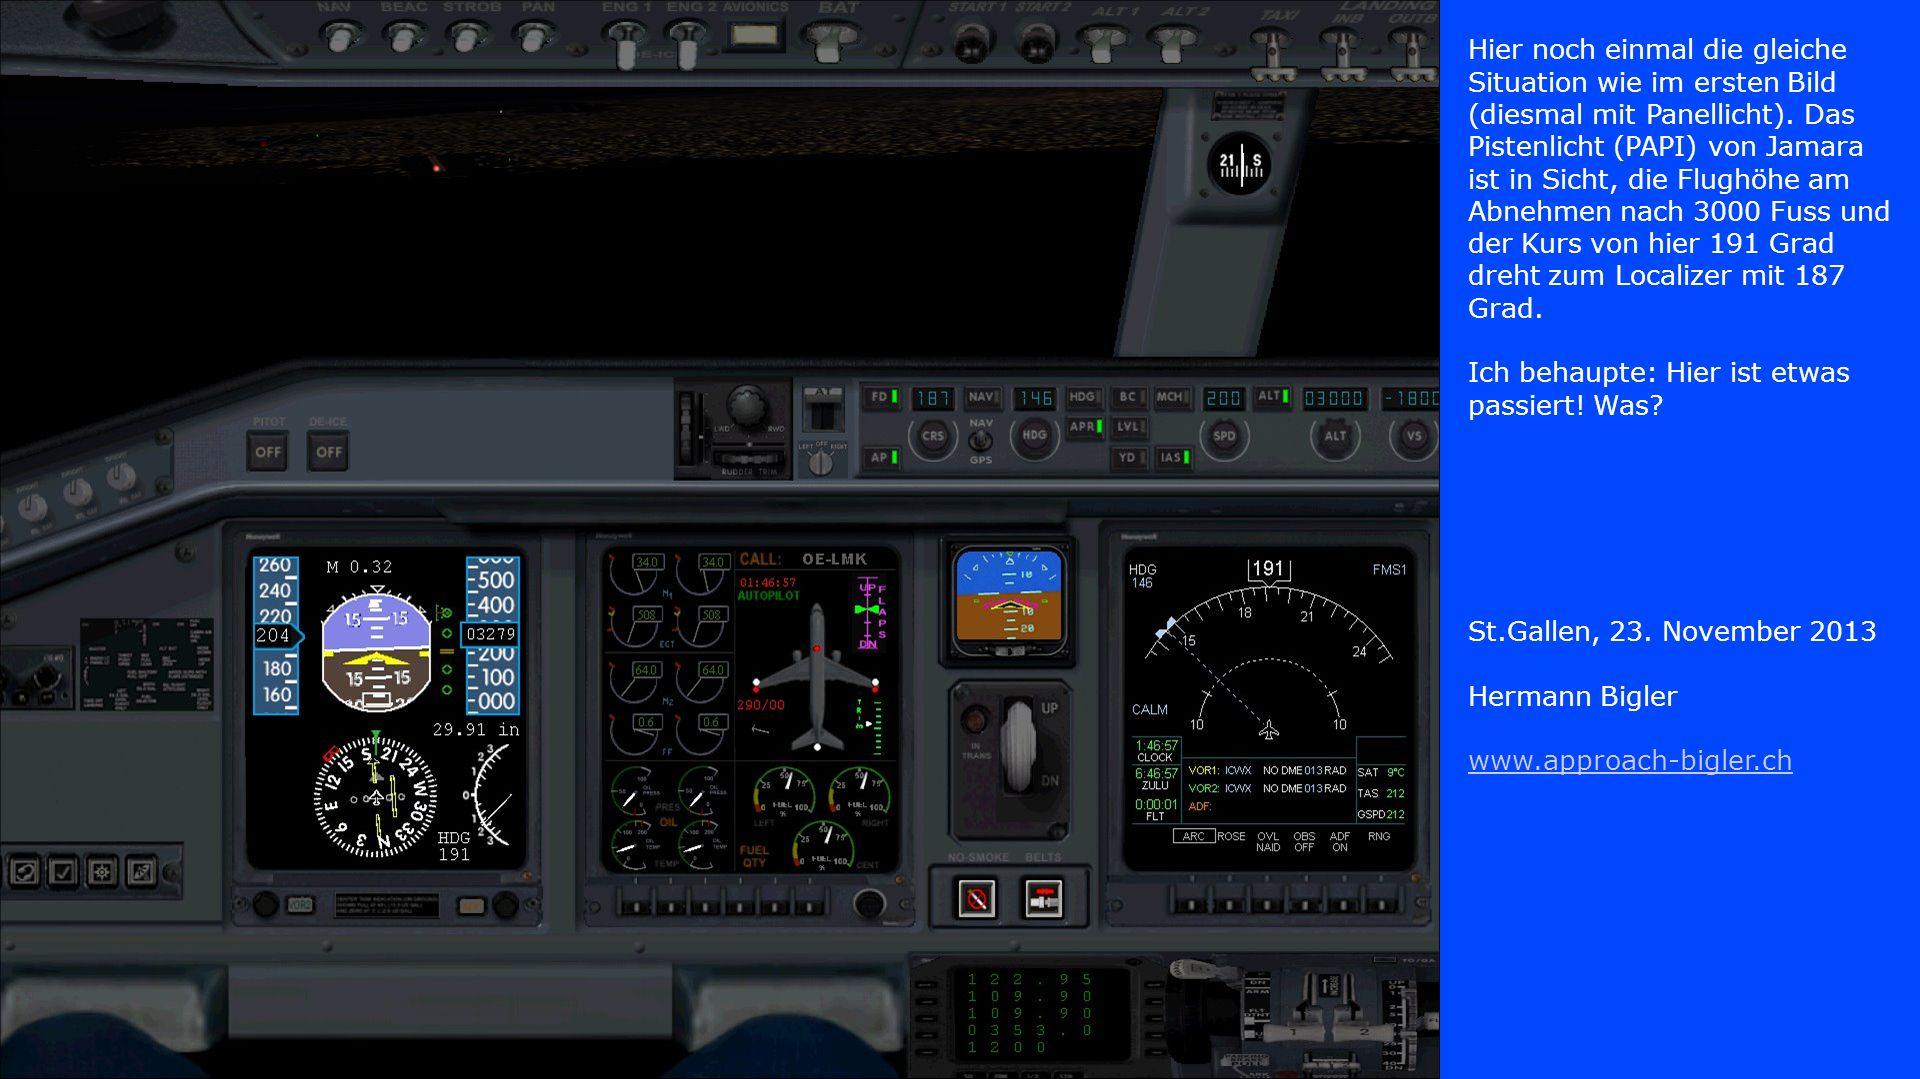 Hier noch einmal die gleiche Situation wie im ersten Bild (diesmal mit Panellicht). Das Pistenlicht (PAPI) von Jamara ist in Sicht, die Flughöhe am Ab